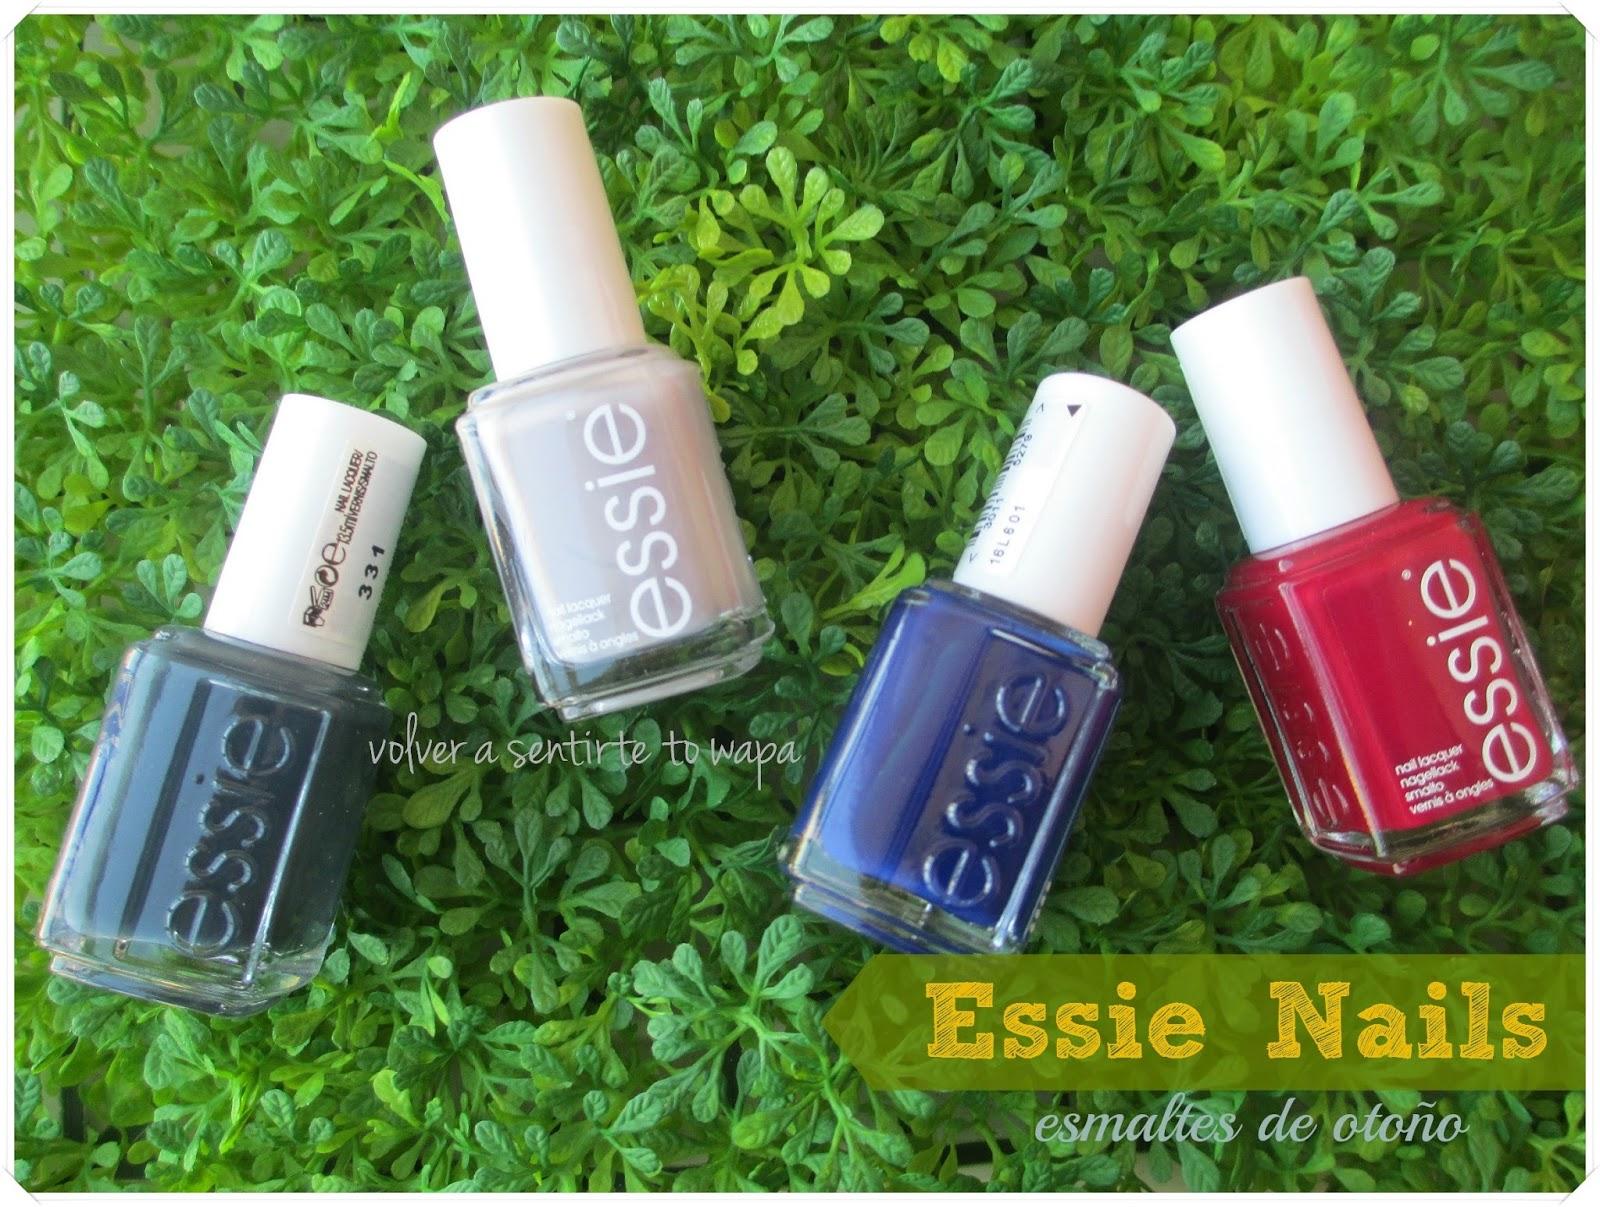 ESSIE Nails - otoño 2014